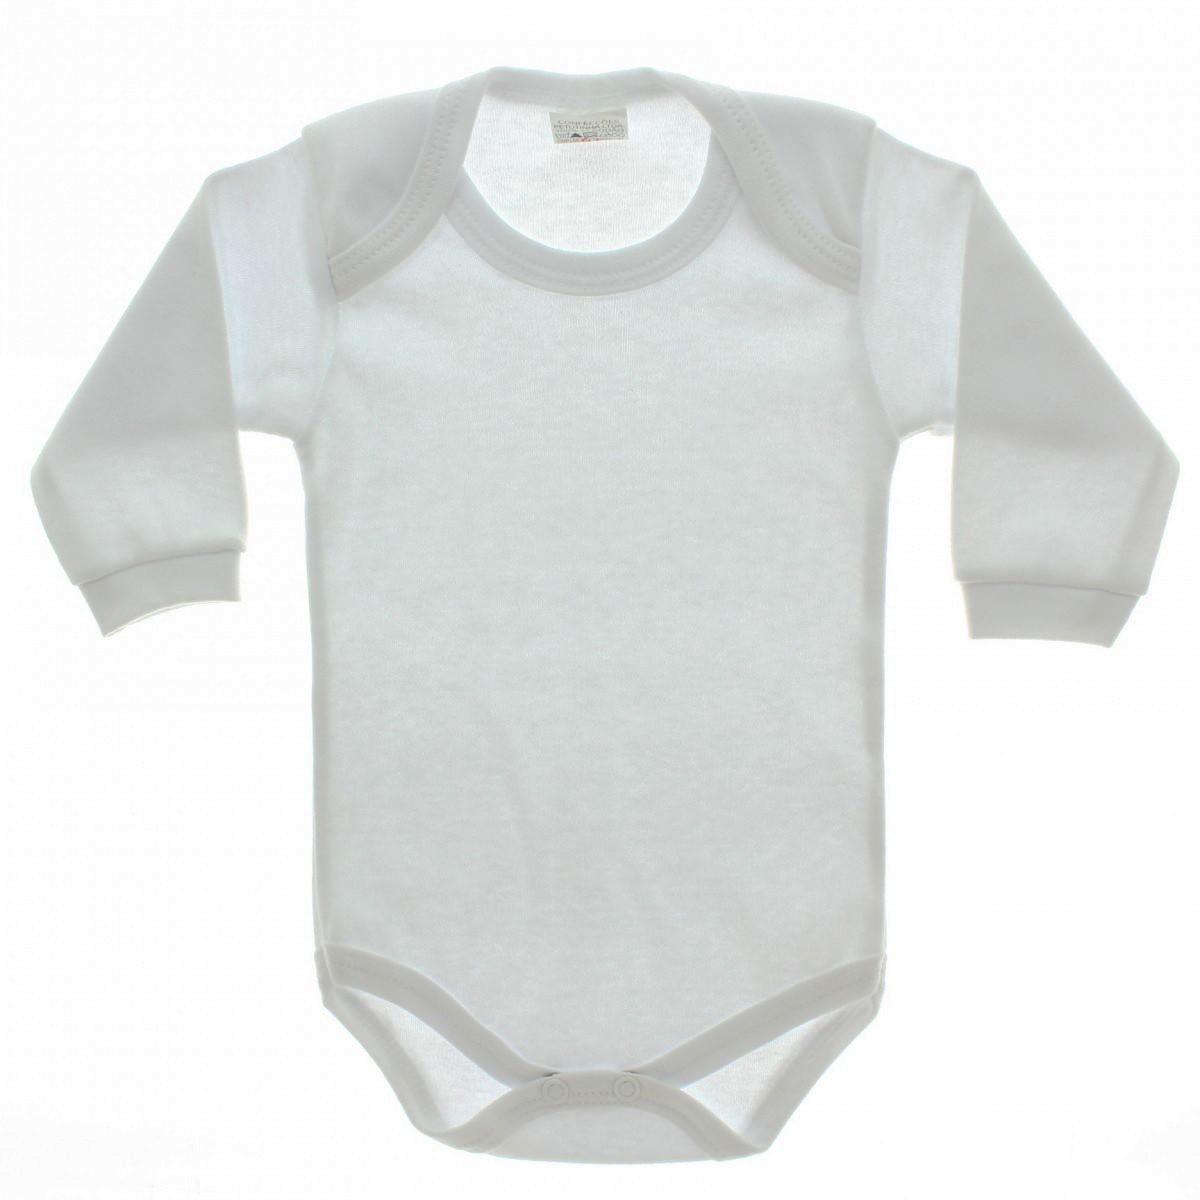 Body Infantil 100% Poliéster  Branca para Sublimação (MANGA LONGA)  - ALFANETI COMERCIO DE MIDIAS E SUBLIMAÇÃO LTDA-ME